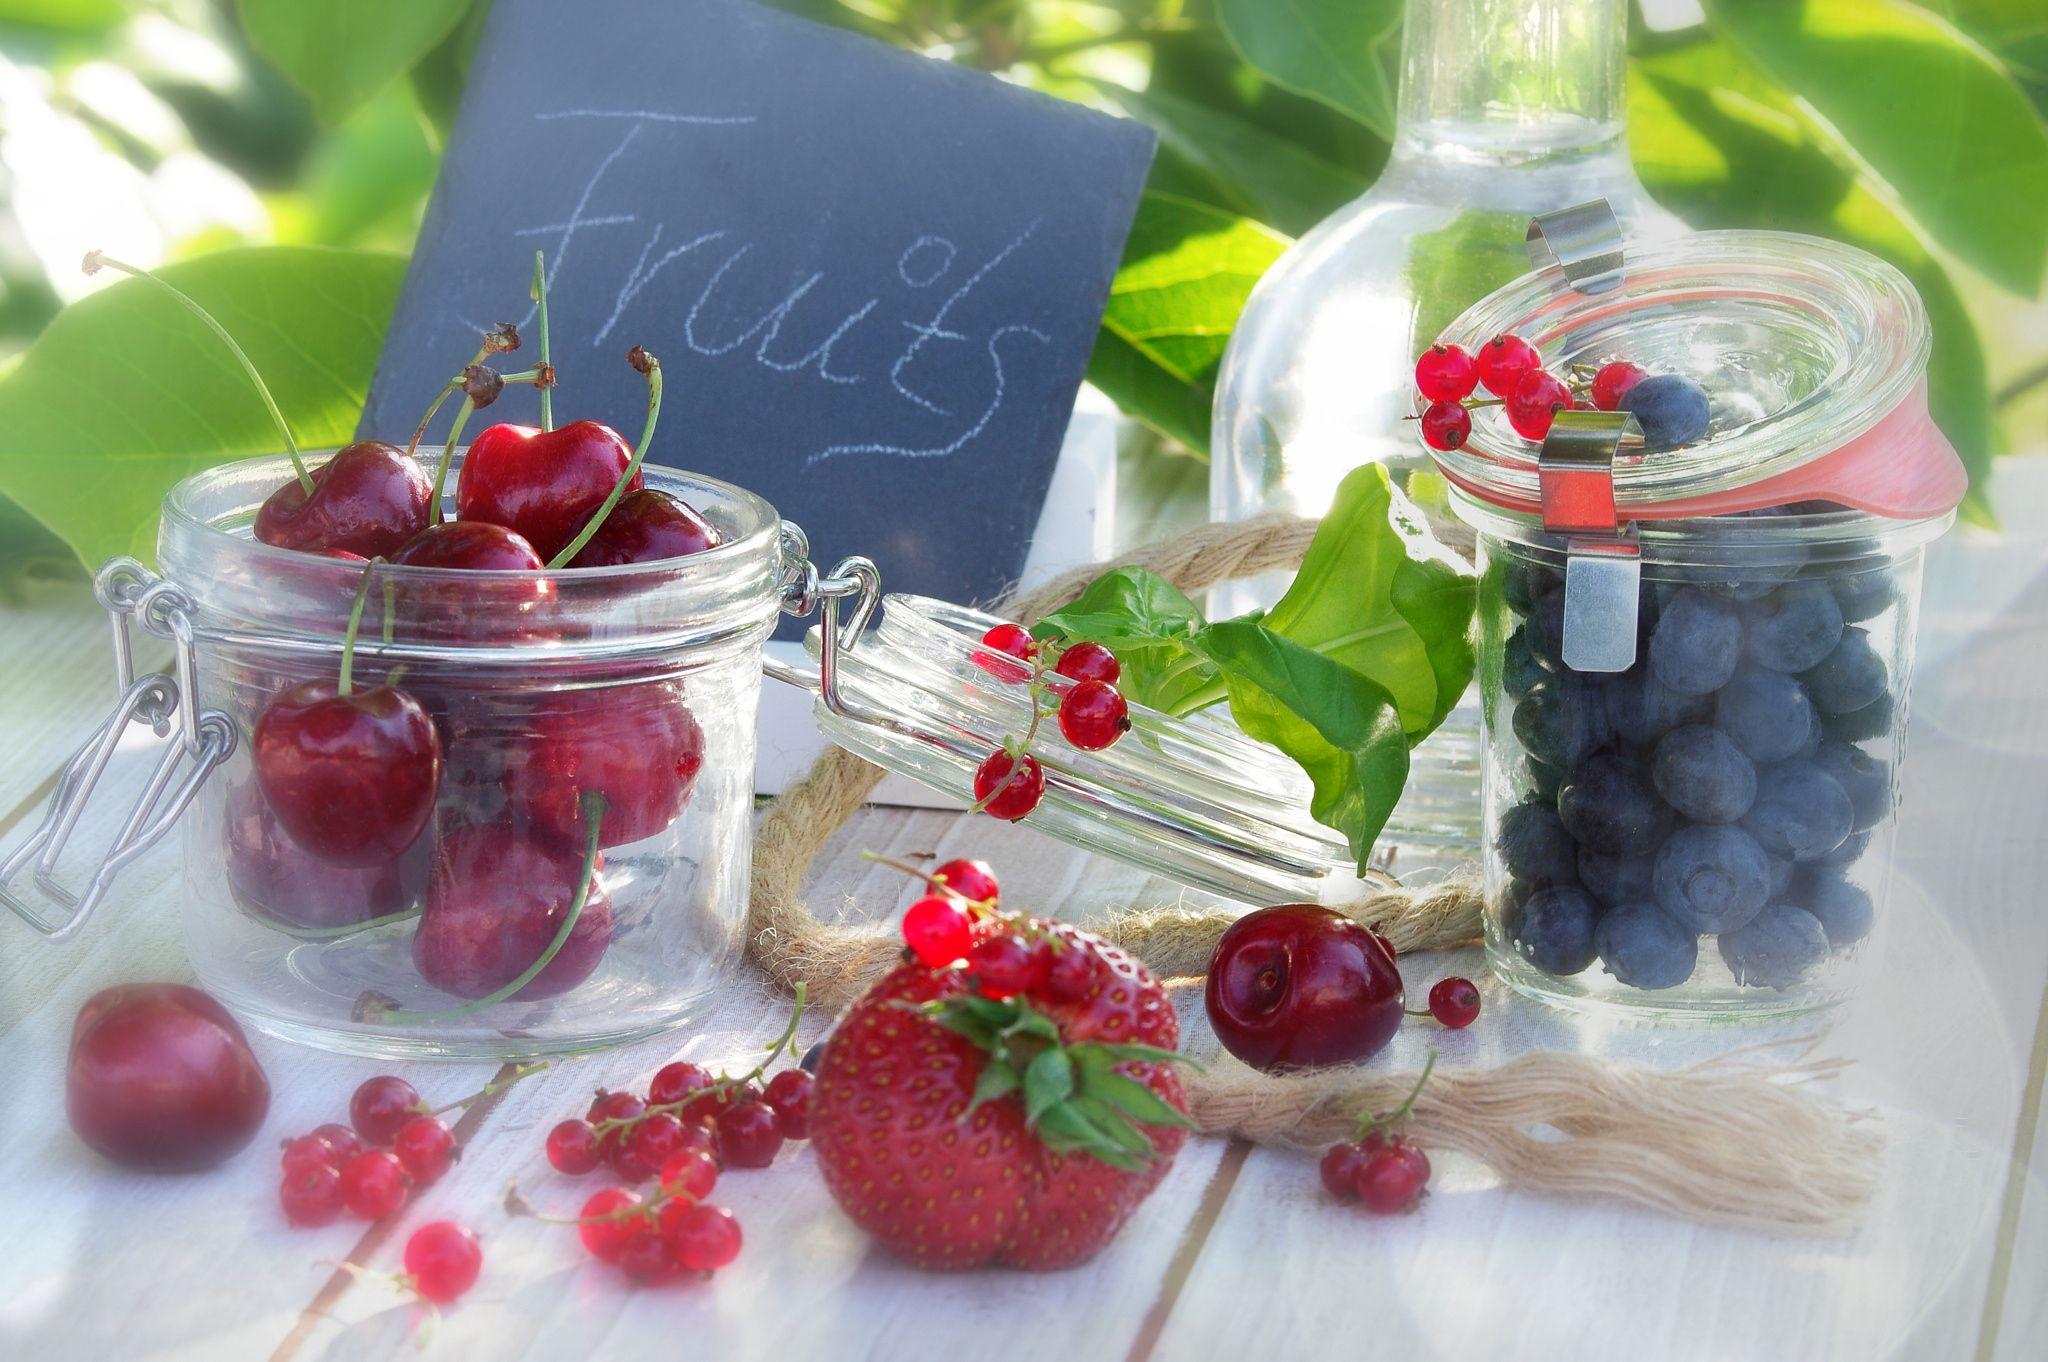 Frische Früchte im Sommer by Tanja Riedel on 500px #500px #foodie #restaurants #restaurant #eats #food #design #fresh #frisches #trendy #Trends #einkochen #Marmelade